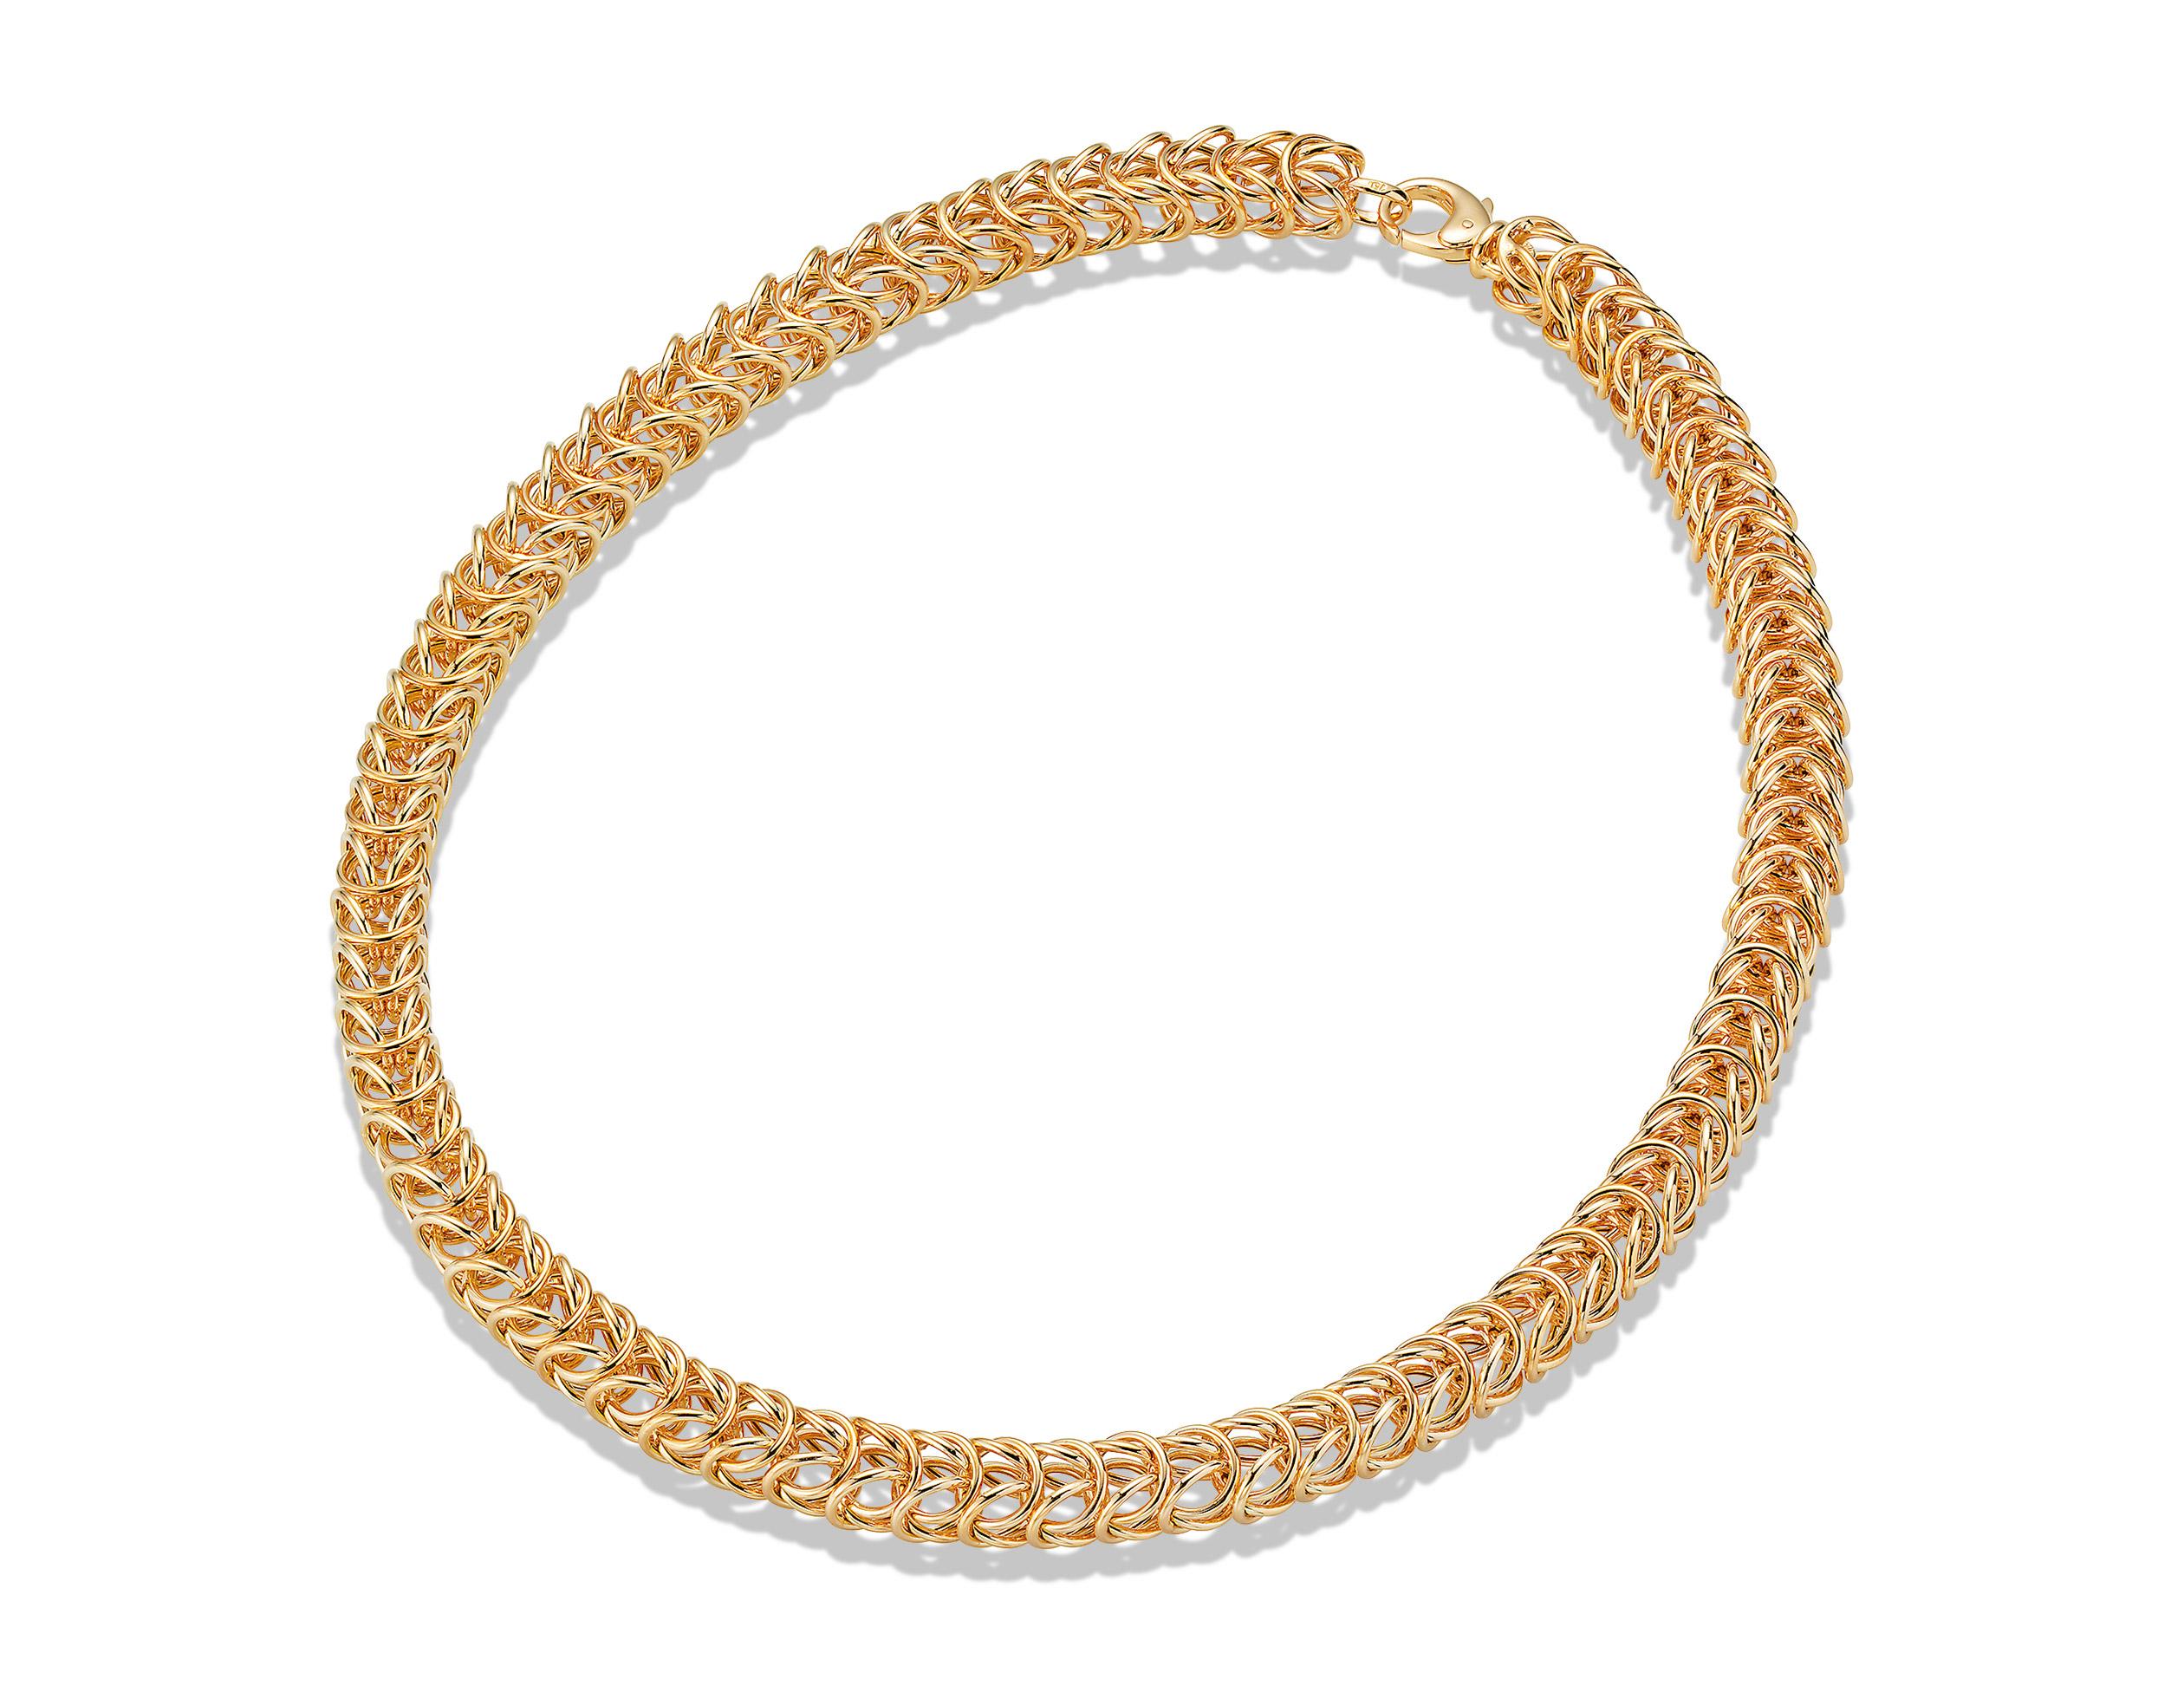 Produktbild Collier Königskettenknoten klein